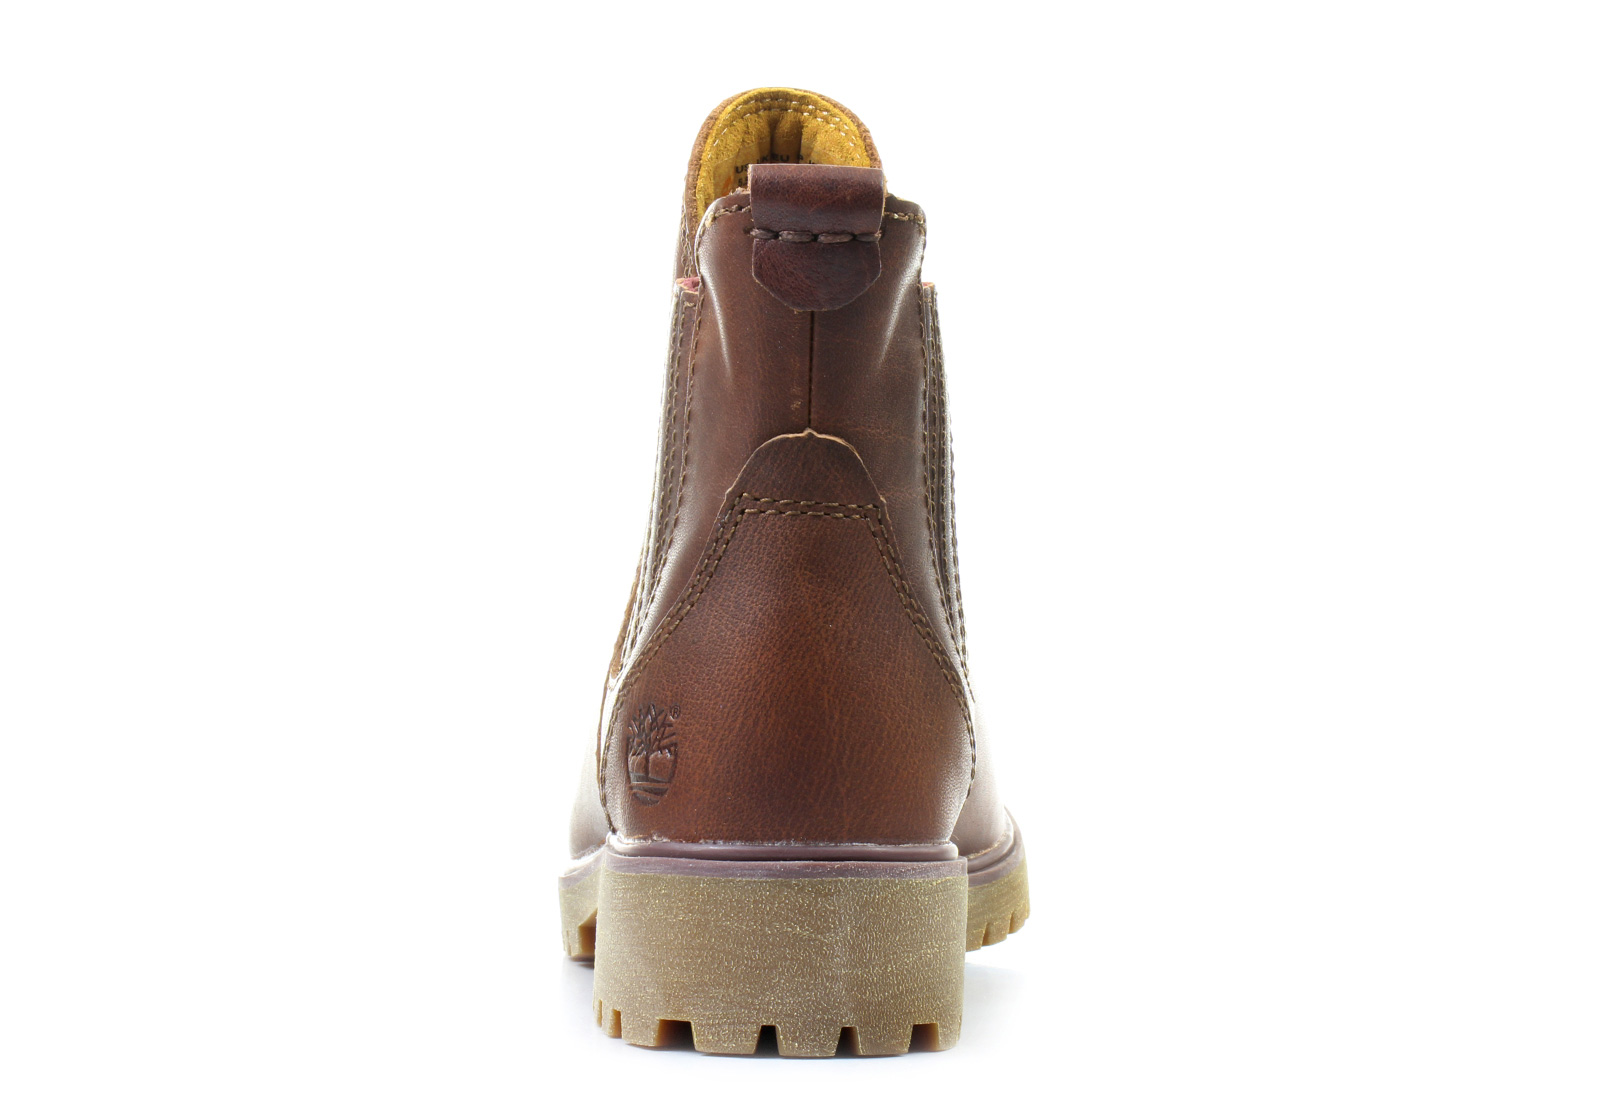 Timberland Vysoké boty - Lyonsdale Chelsea - a11vy-brnTenisky 39e881218f1